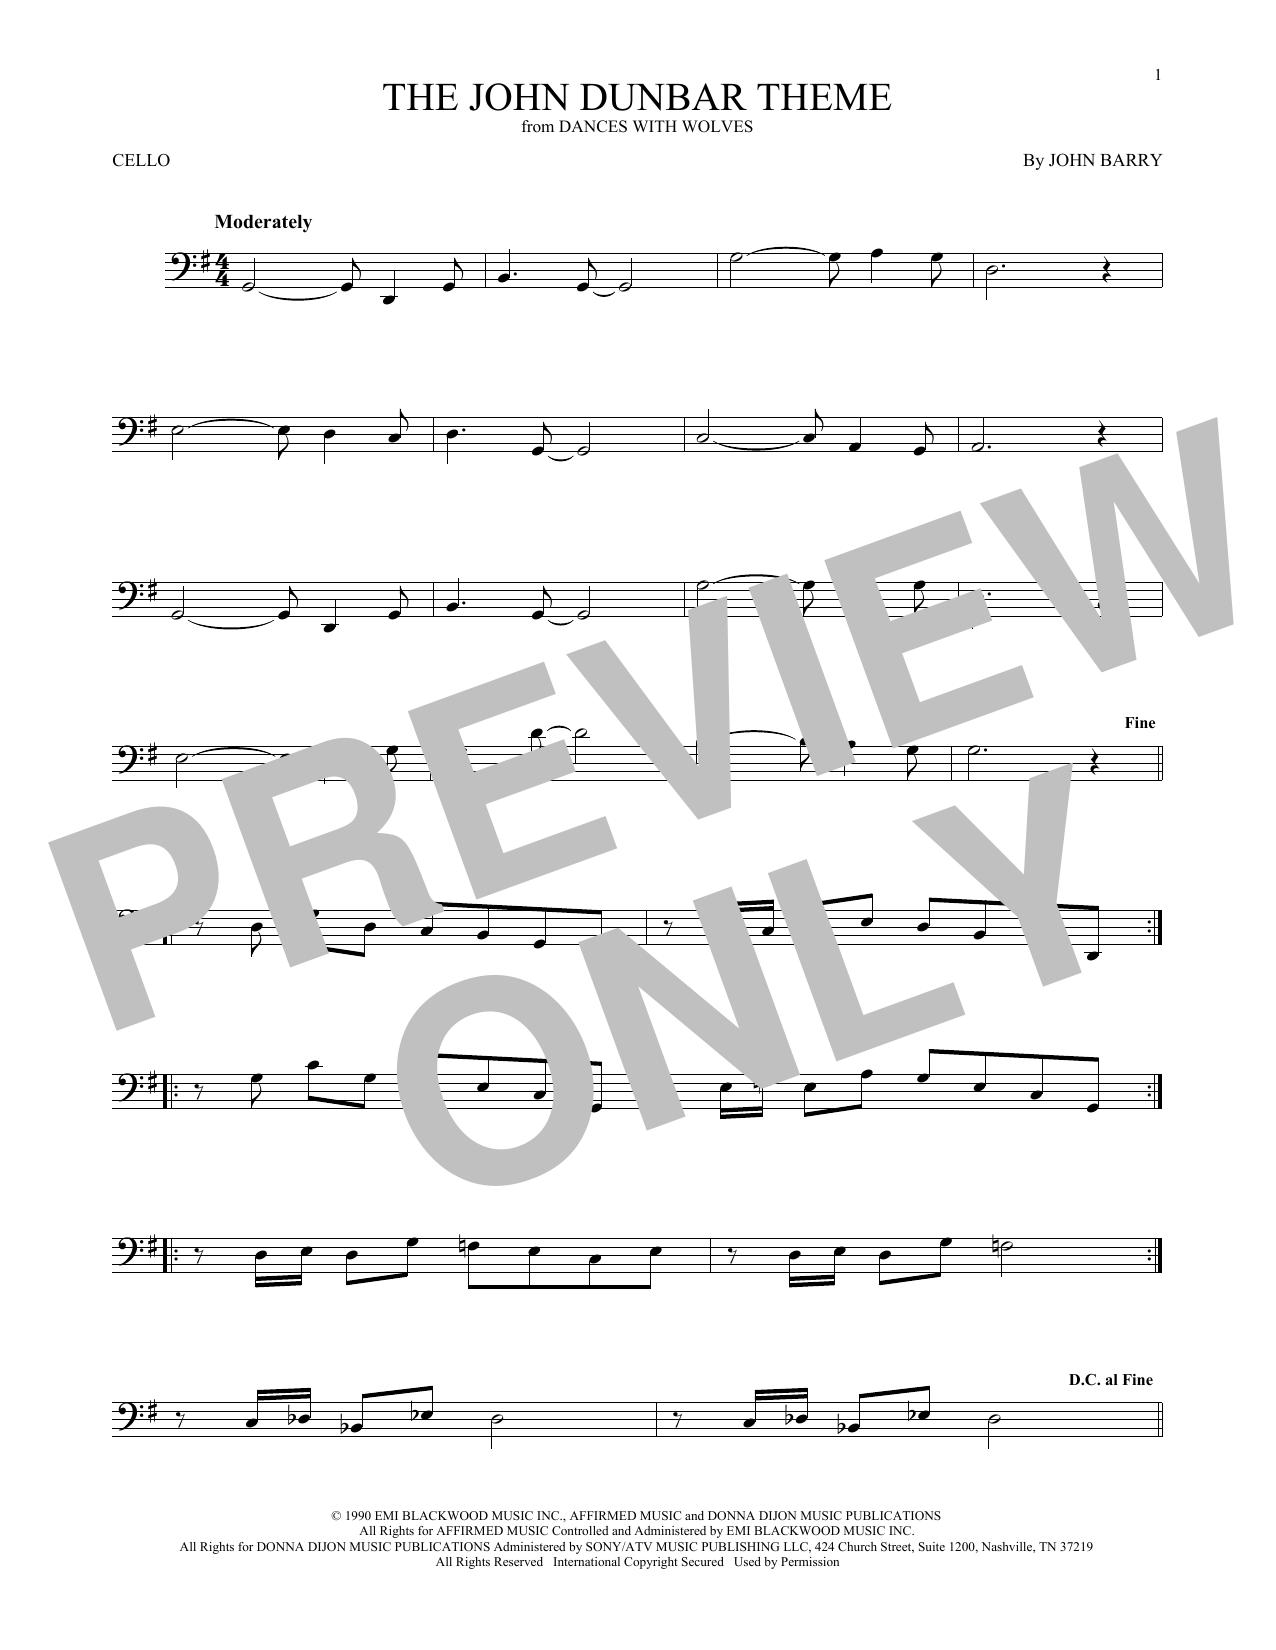 The John Dunbar Theme (Cello Solo)